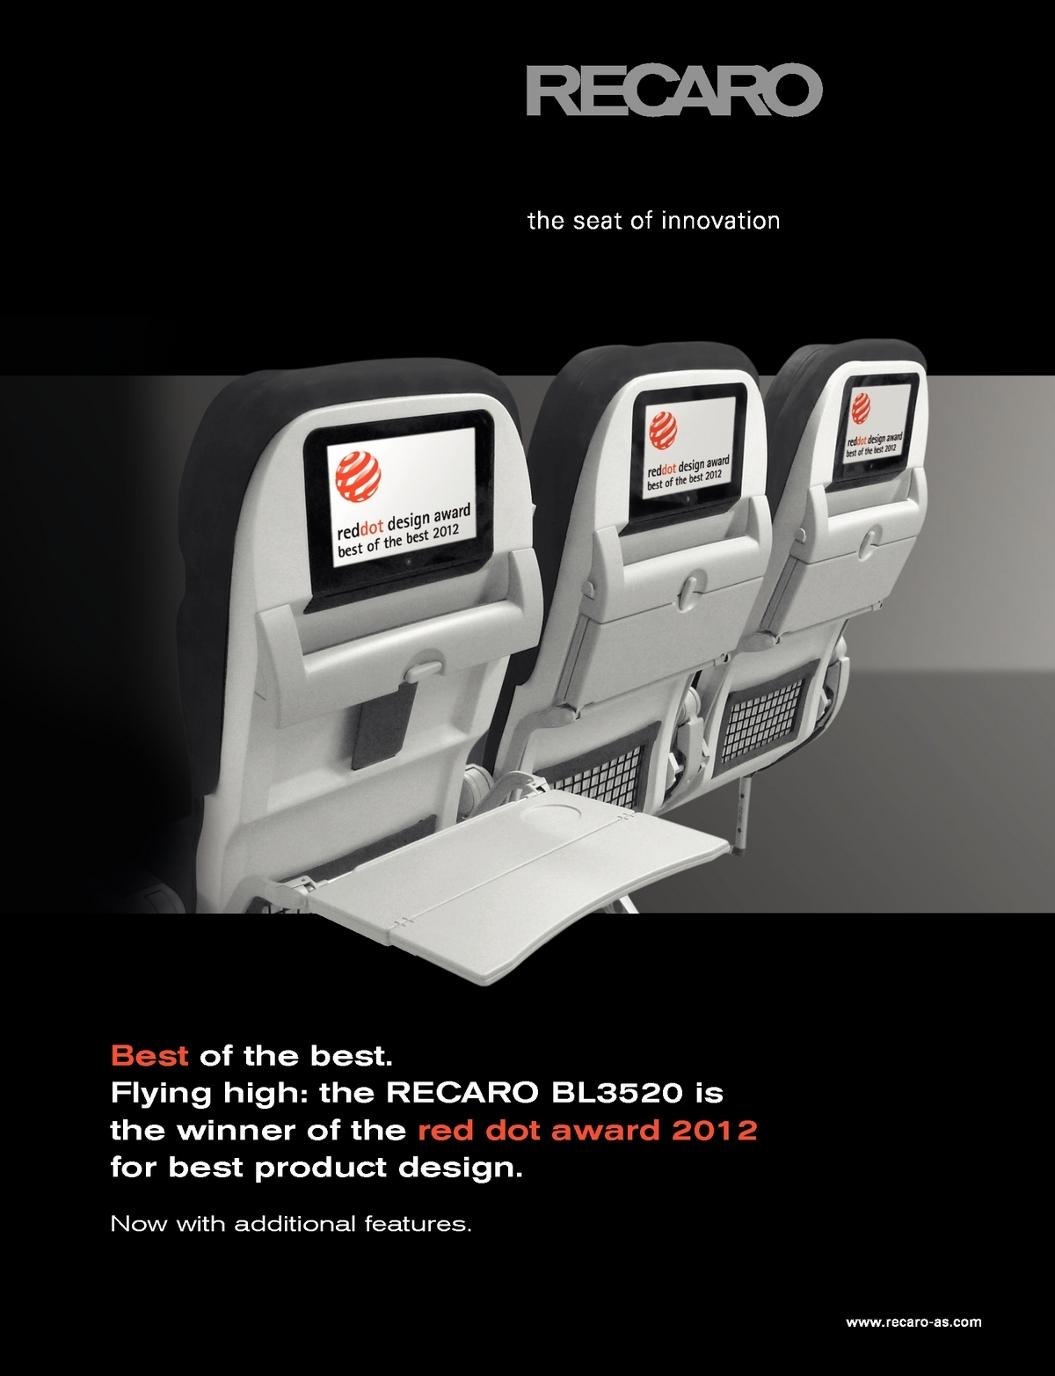 Aircraft Interiors International - June 2012